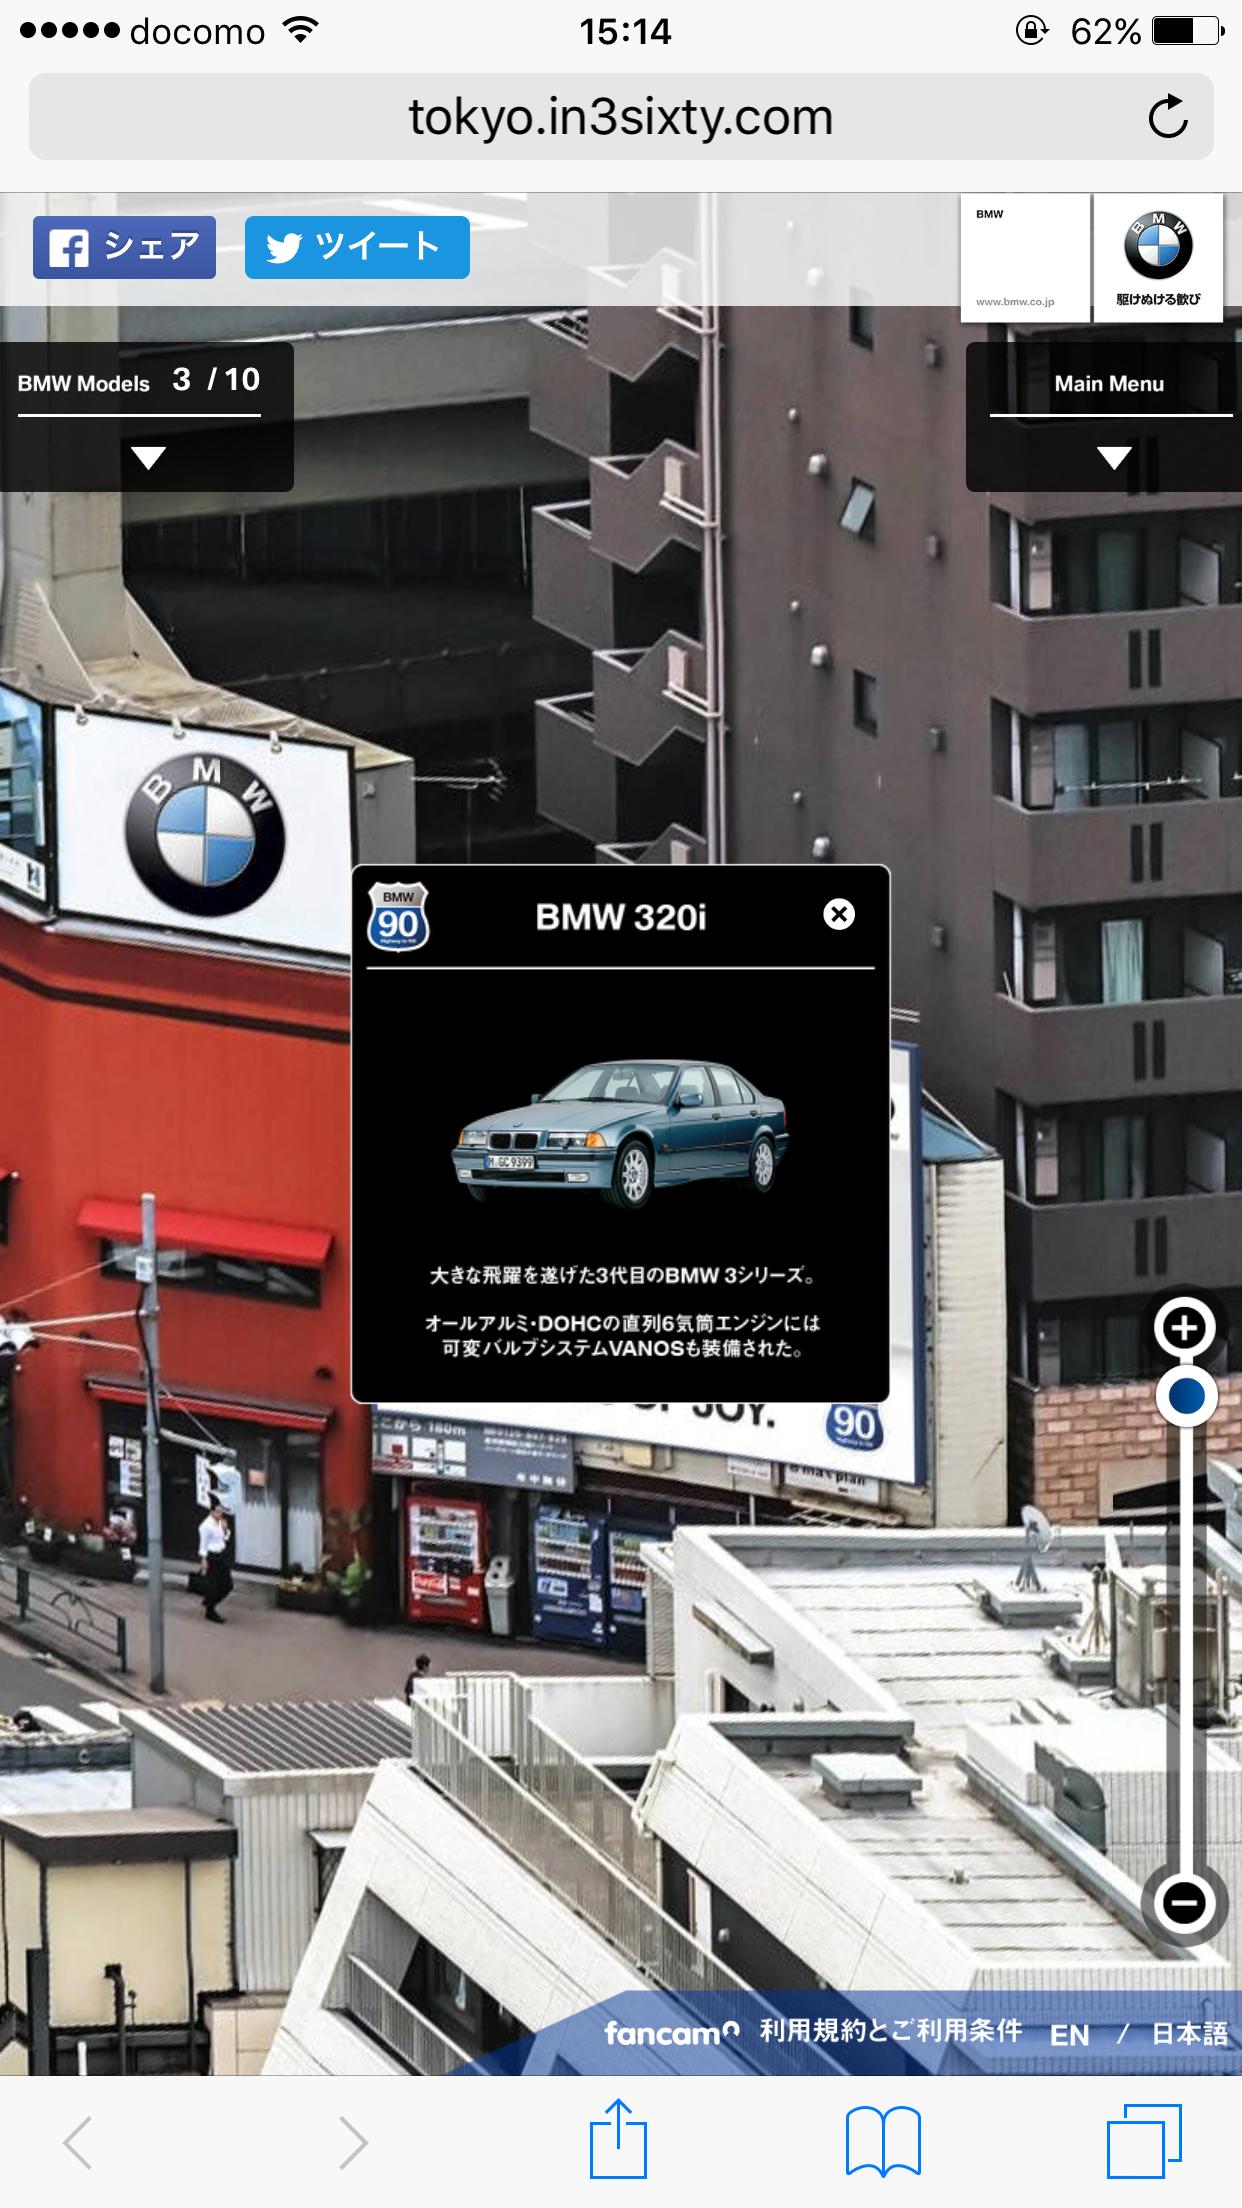 BMW年賀状&BMW X1 無料1年間モニターが当たるゲームにチャレンジしてみました^^